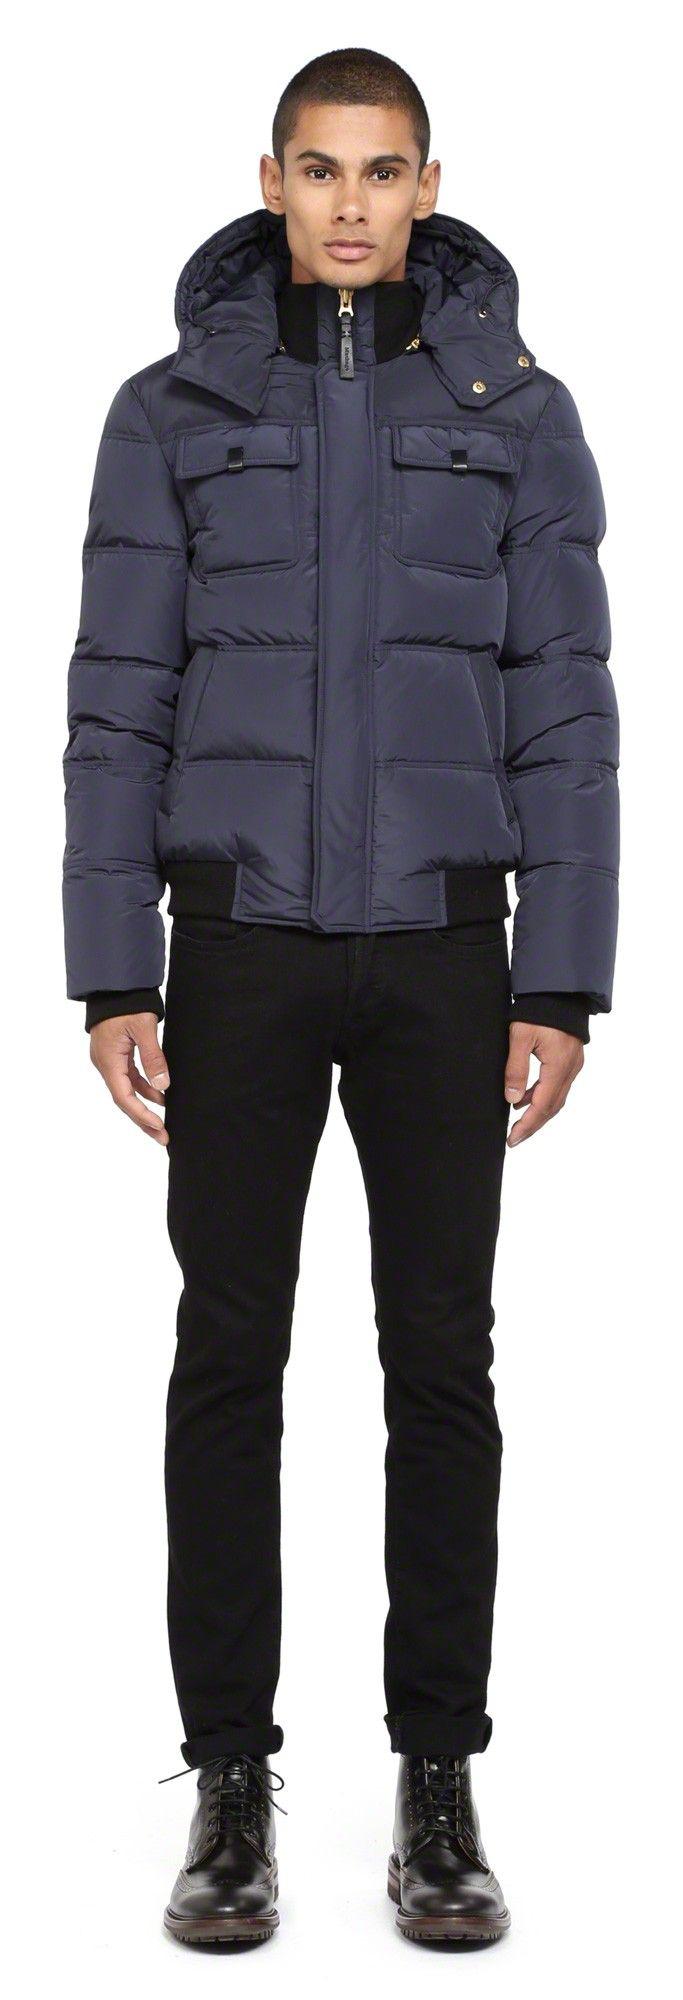 Mackage - GARY-F4 INK DOWN WINTER JACKET FOR MEN WITH LEATHER TRIM. www.mackage.com #menswear #fw14 #wintercoat #parka #luxuryouterwear